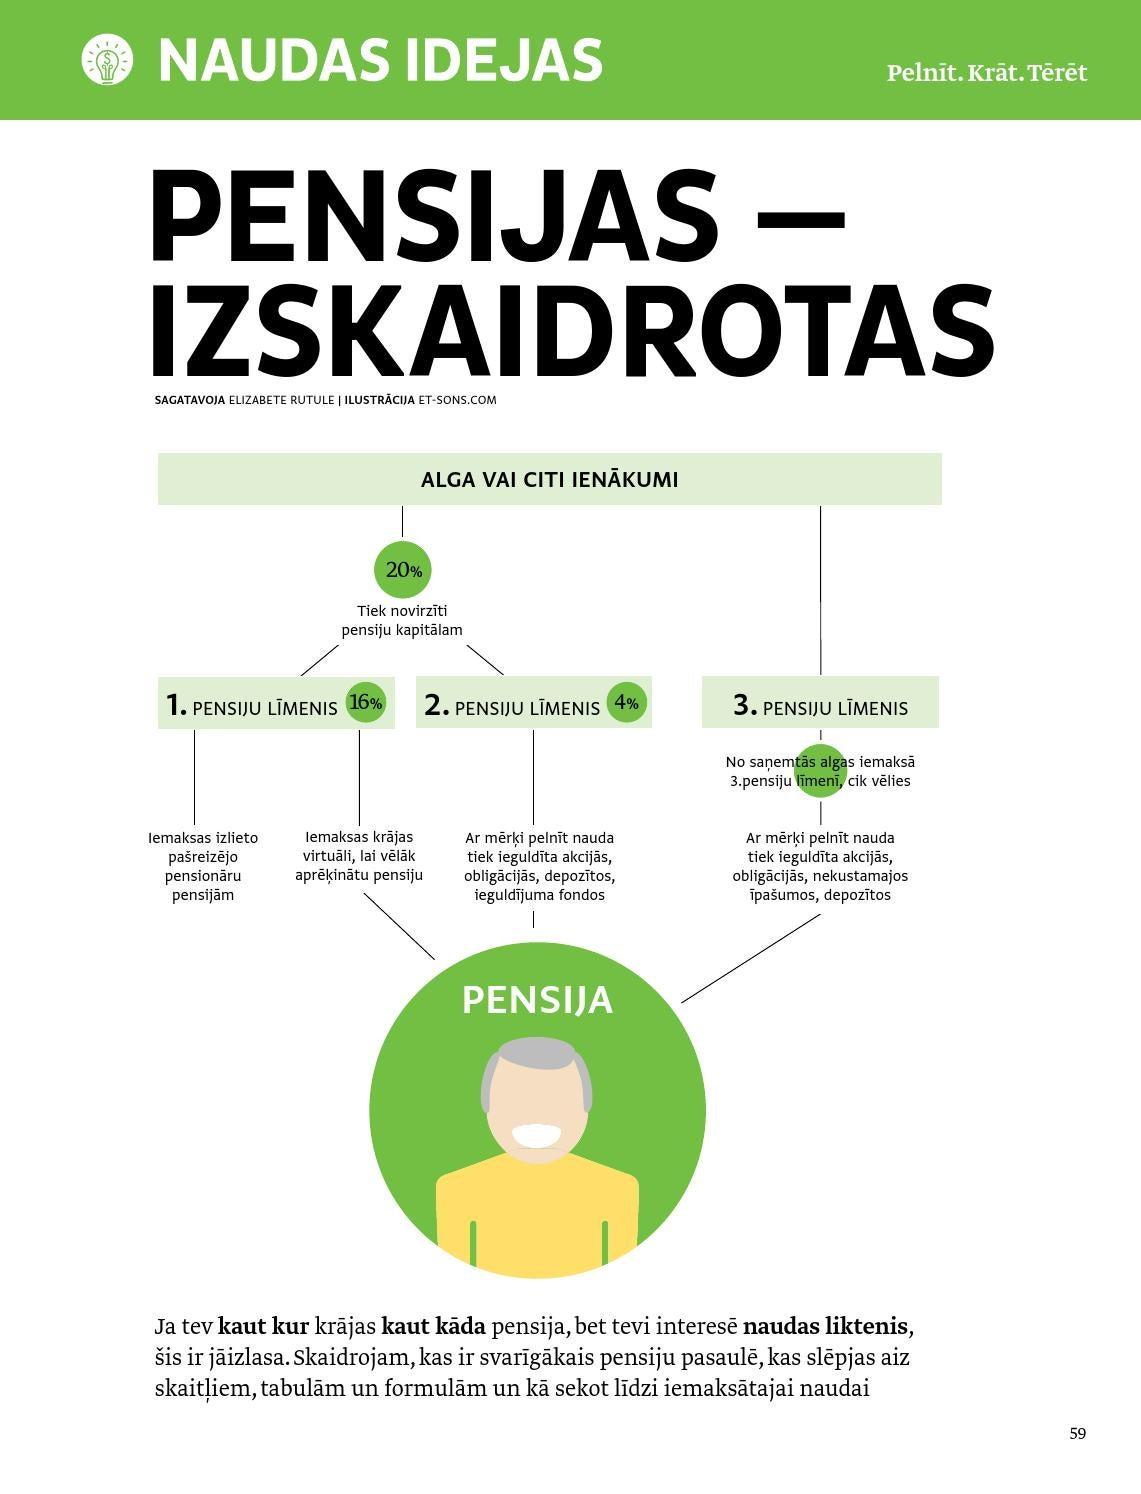 lai nopelnītu naudu pensionāram precīzas stratēģijas 60 sekundes